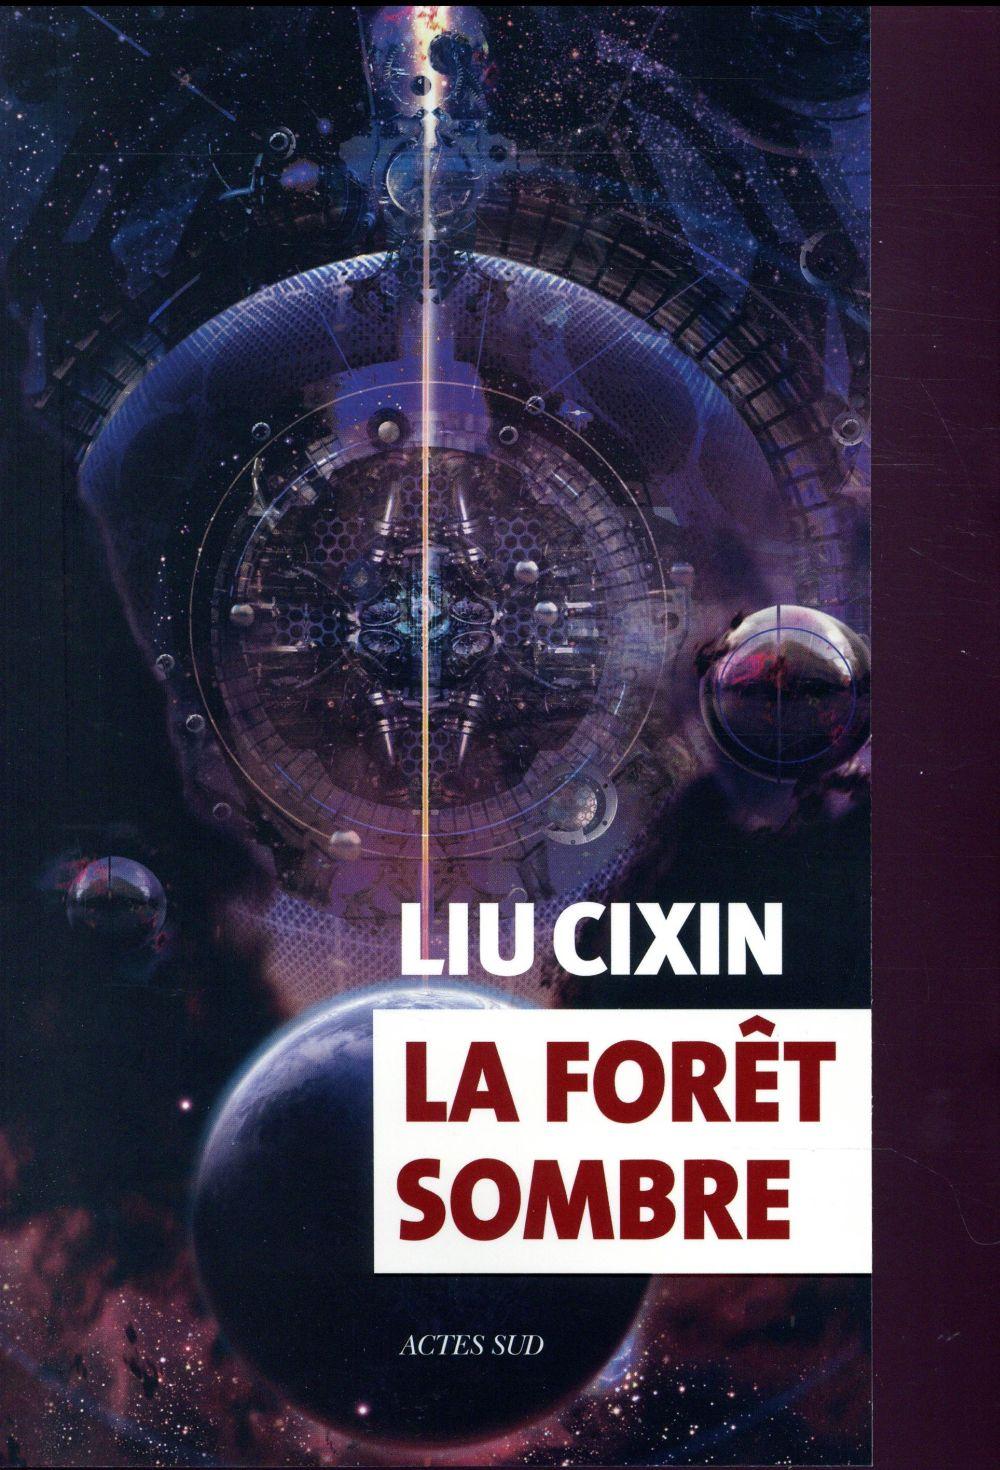 LA FORET SOMBRE Liu Cixin Actes Sud